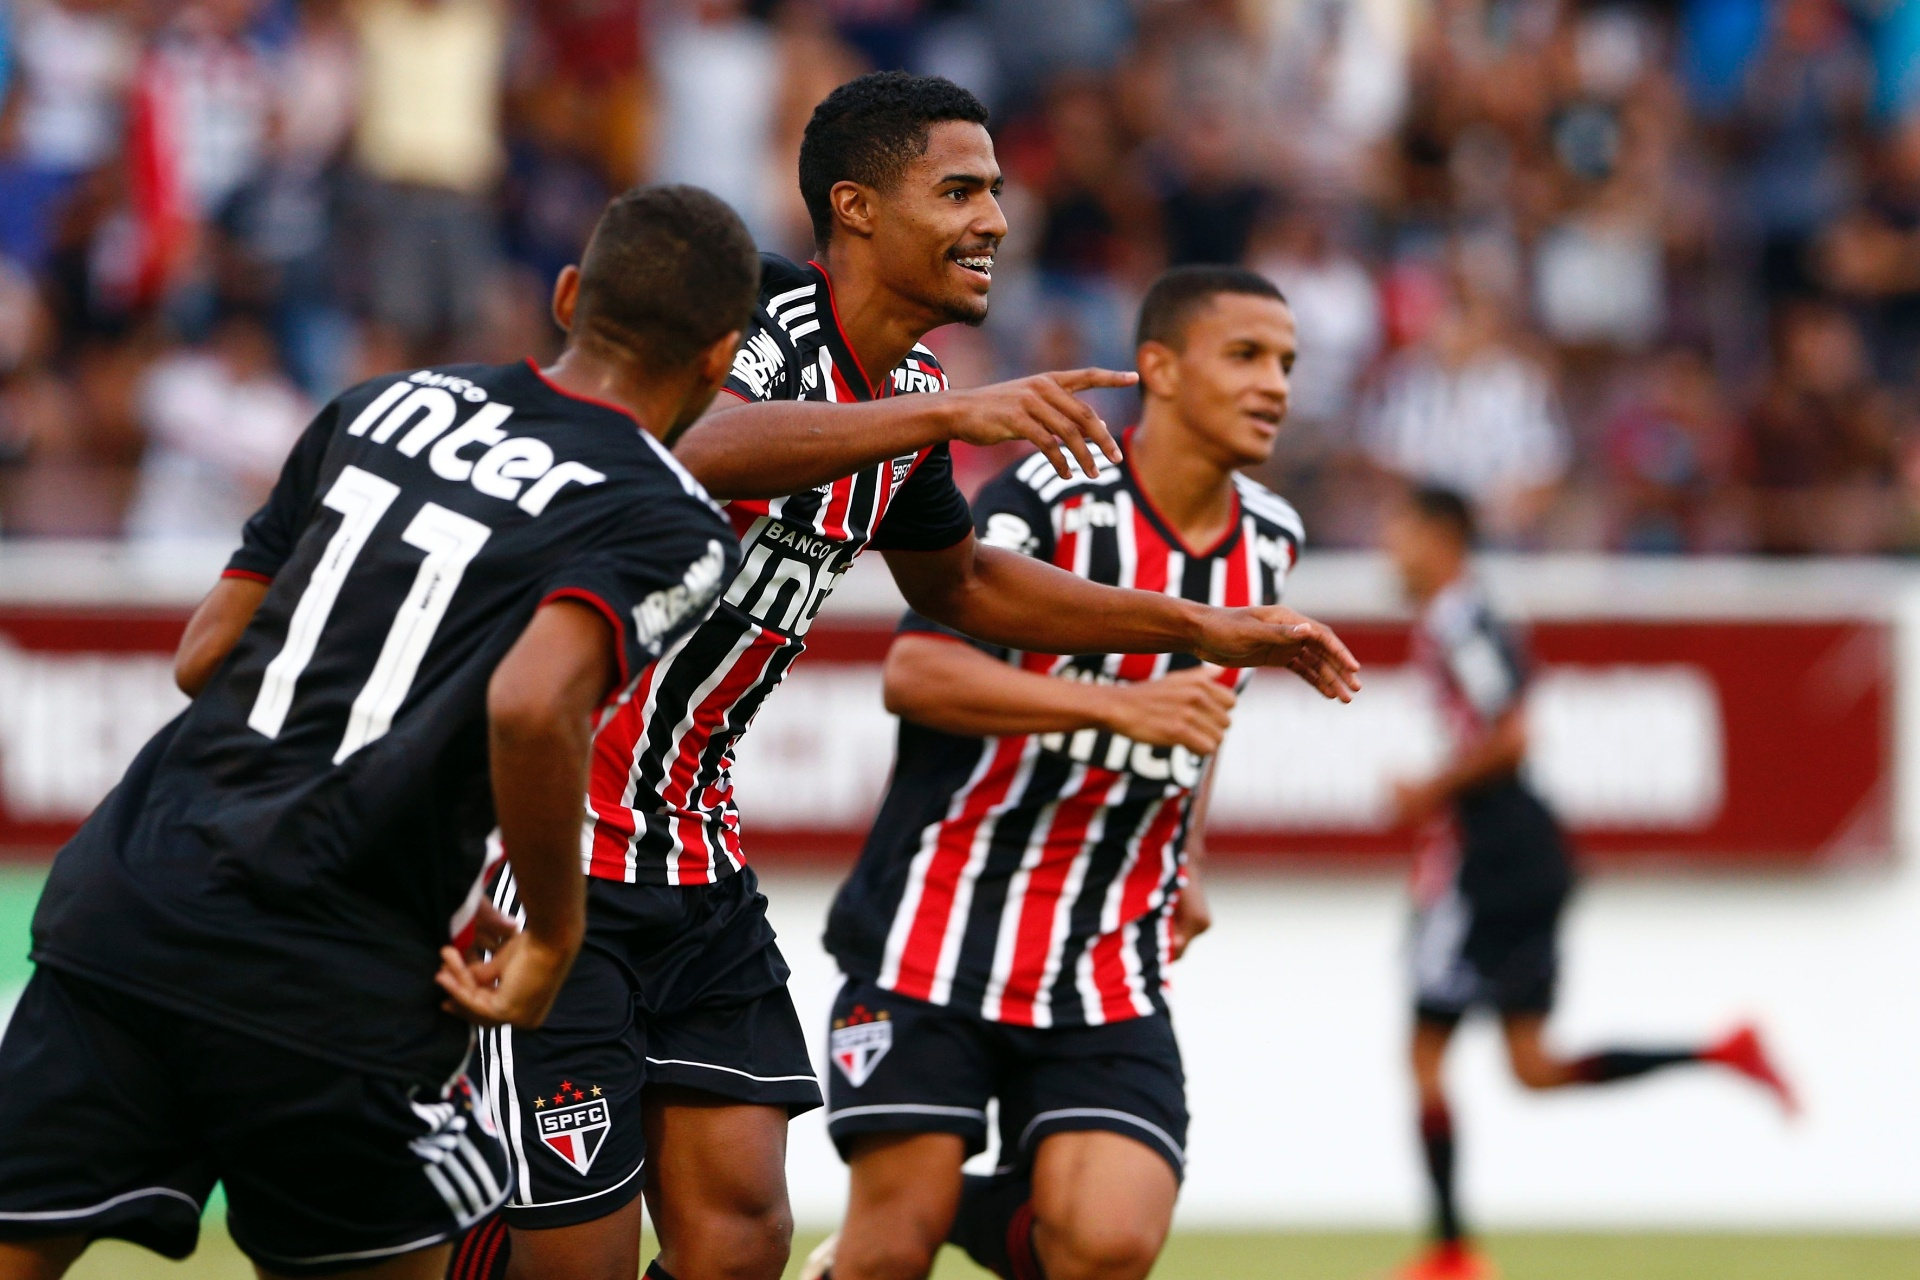 São Paulo conta com show de artilheiro e avança na Copinha - 11 01 2019 -  UOL Esporte e6d98502a966c